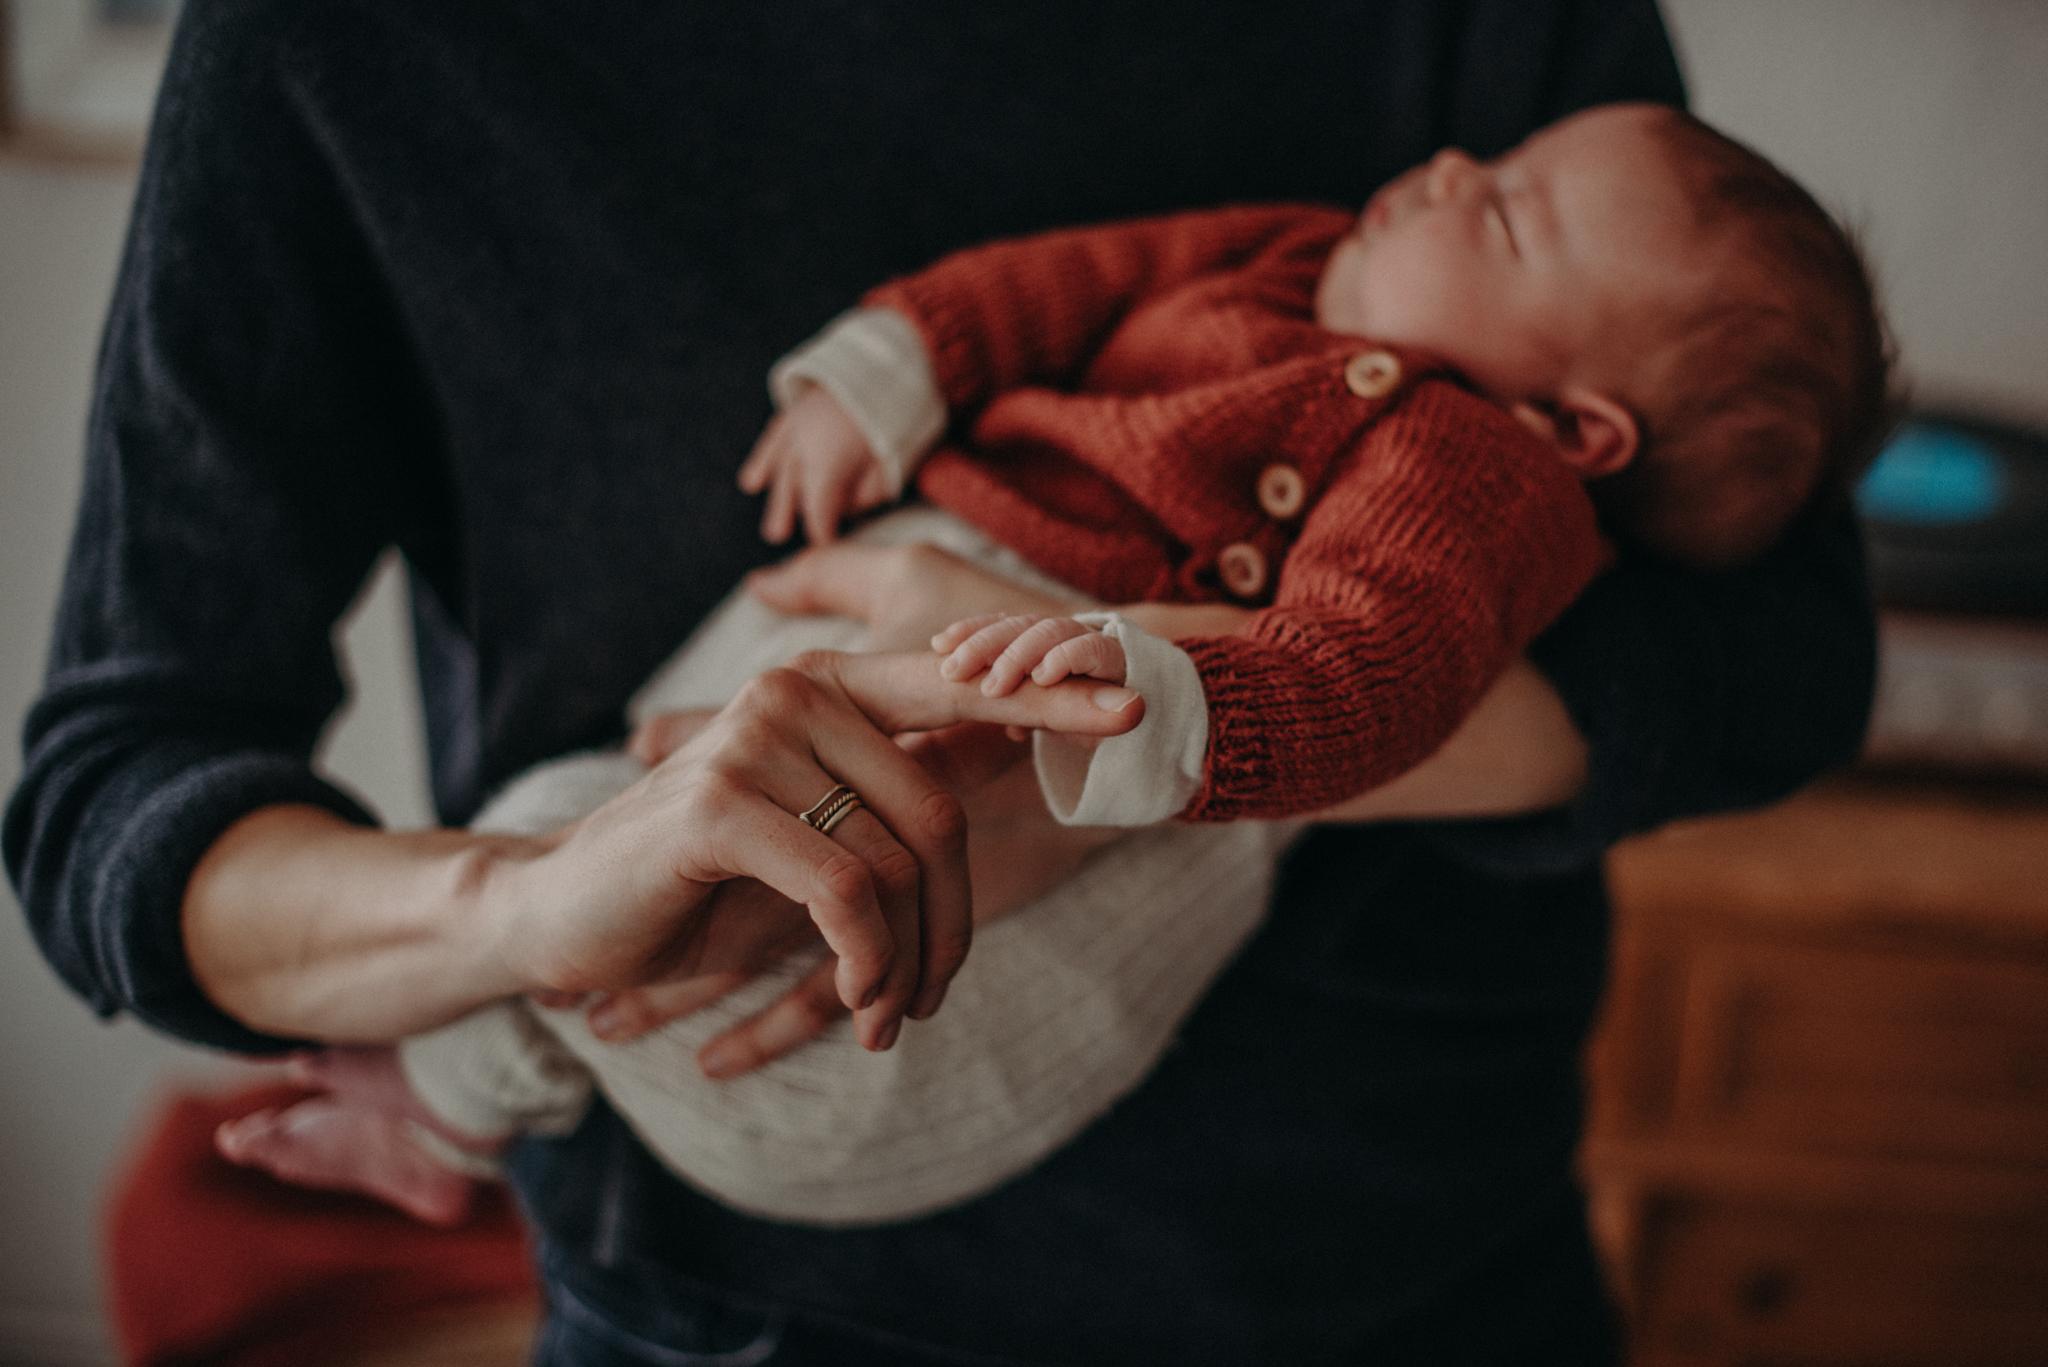 Neugeborenenfoto von schlafendem Baby auf dem Arm der Mutter entstanden bei Babyfotoshooting Zuhause in Freiburg